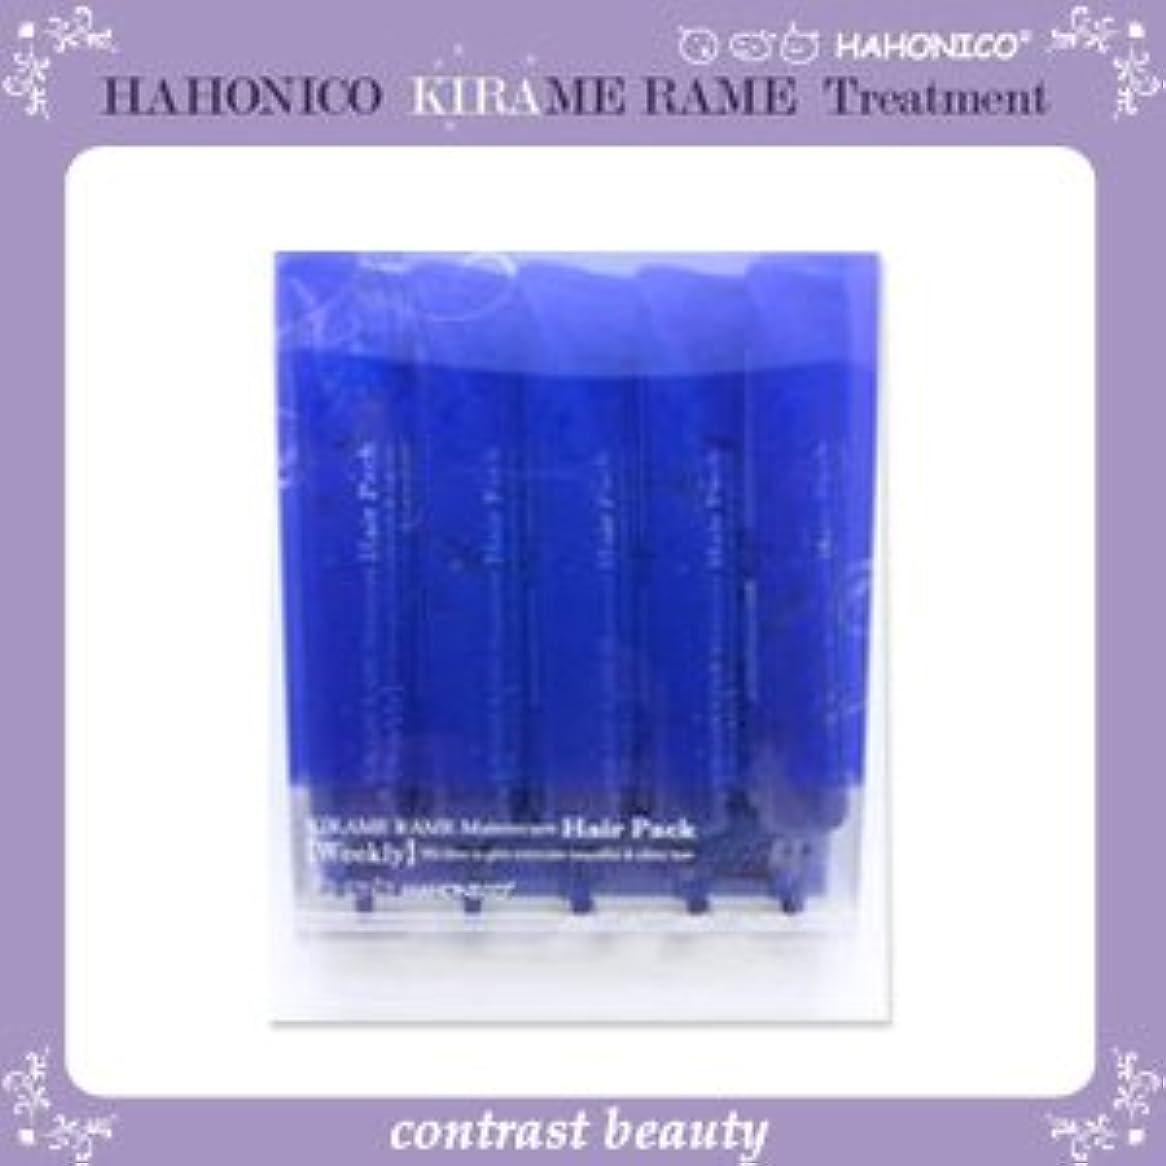 刺激するどんよりした降伏【X2個セット】 ハホニコ キラメラメ メンテケアヘアパックウィークリー 15g×5 KIRAME RAME HAHONICO